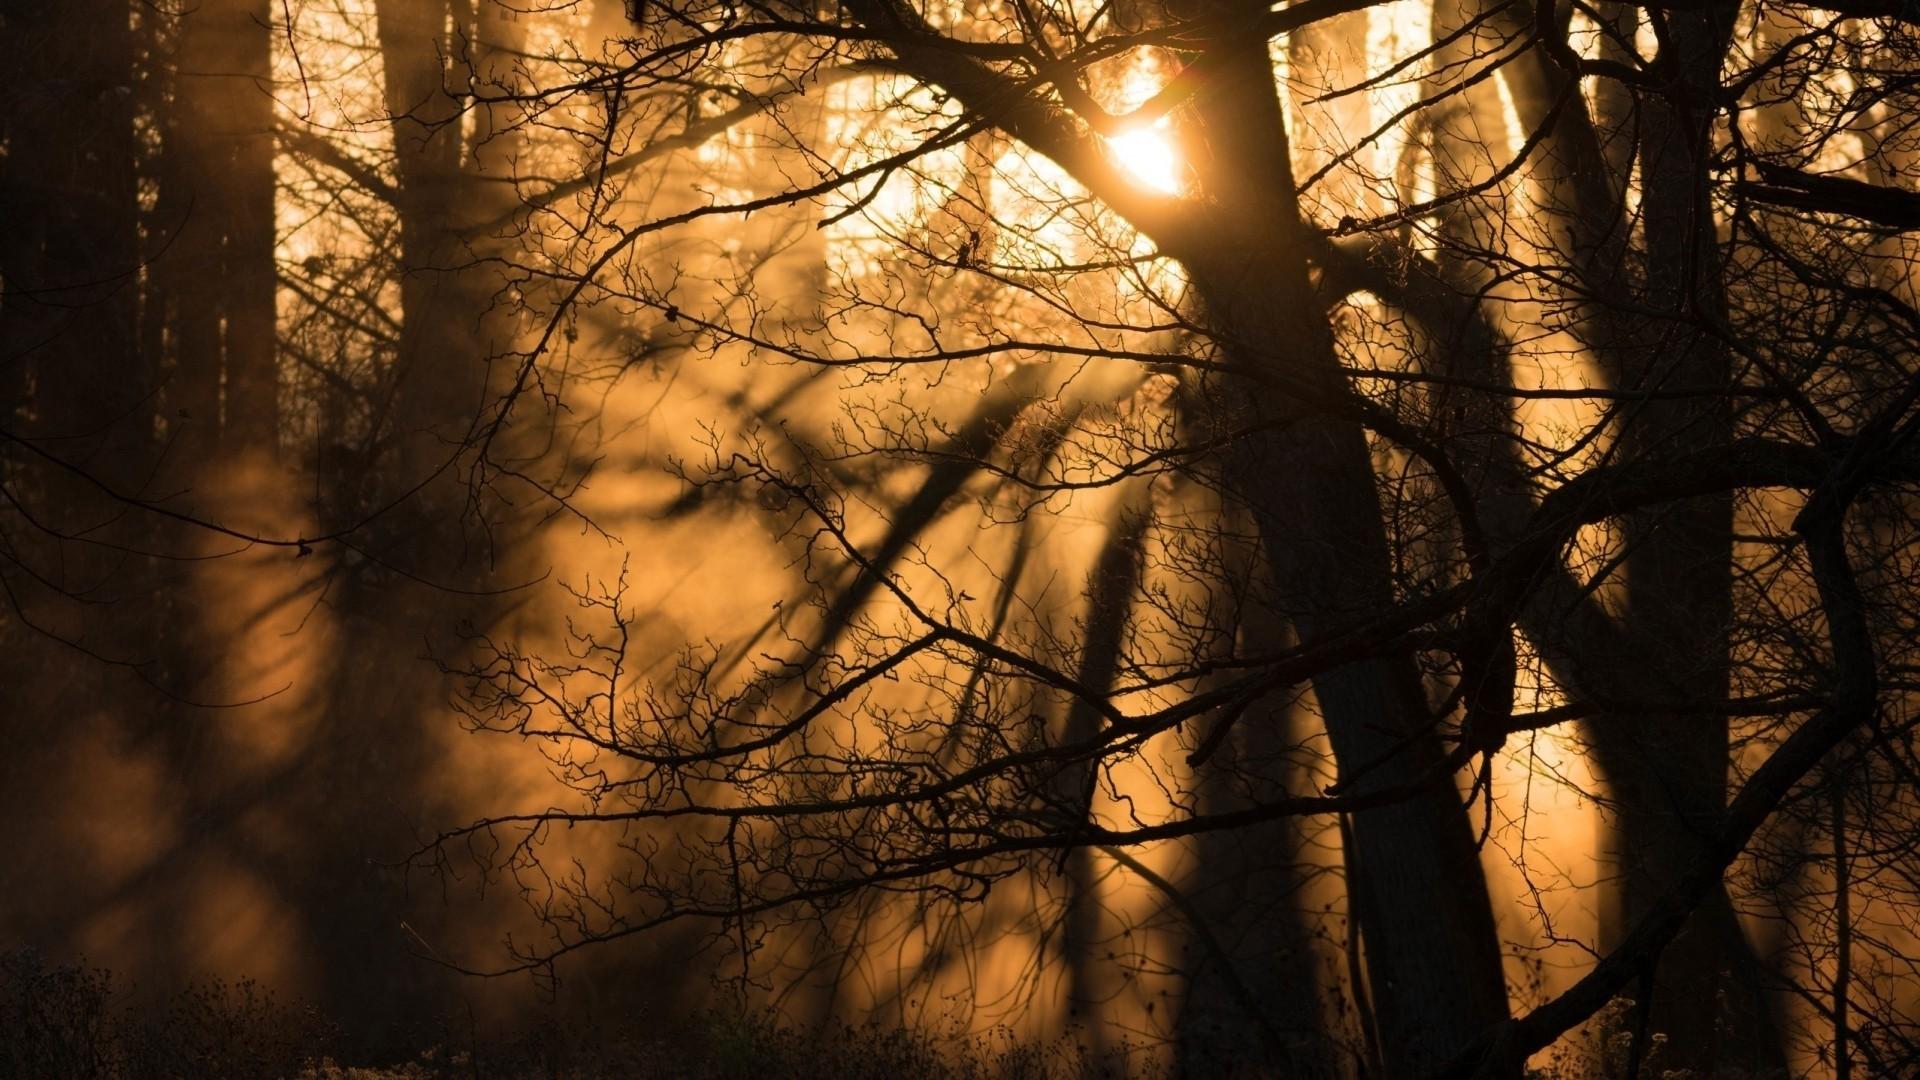 Forest Sunlight computer wallpaper